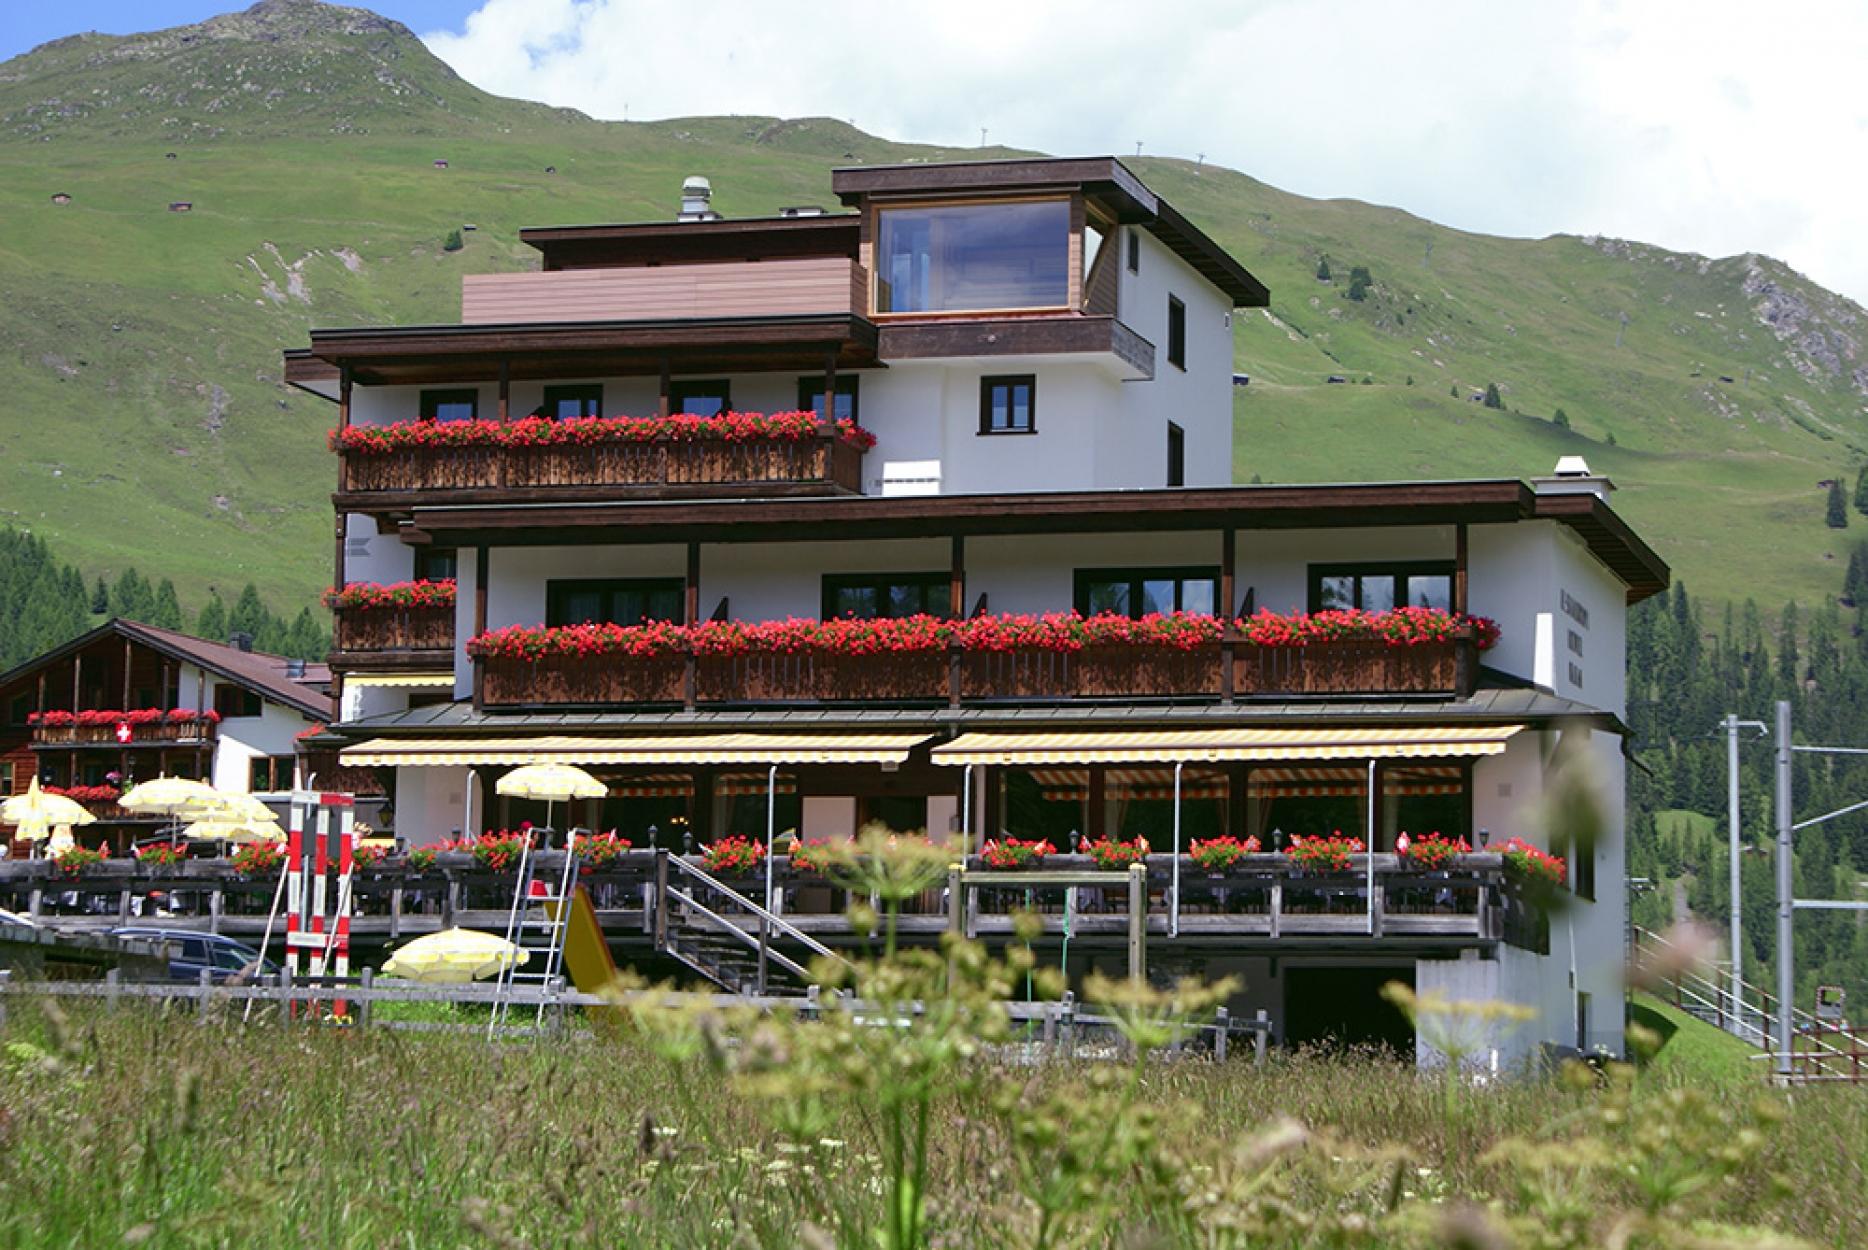 Kesslers Kulmhotel Davos